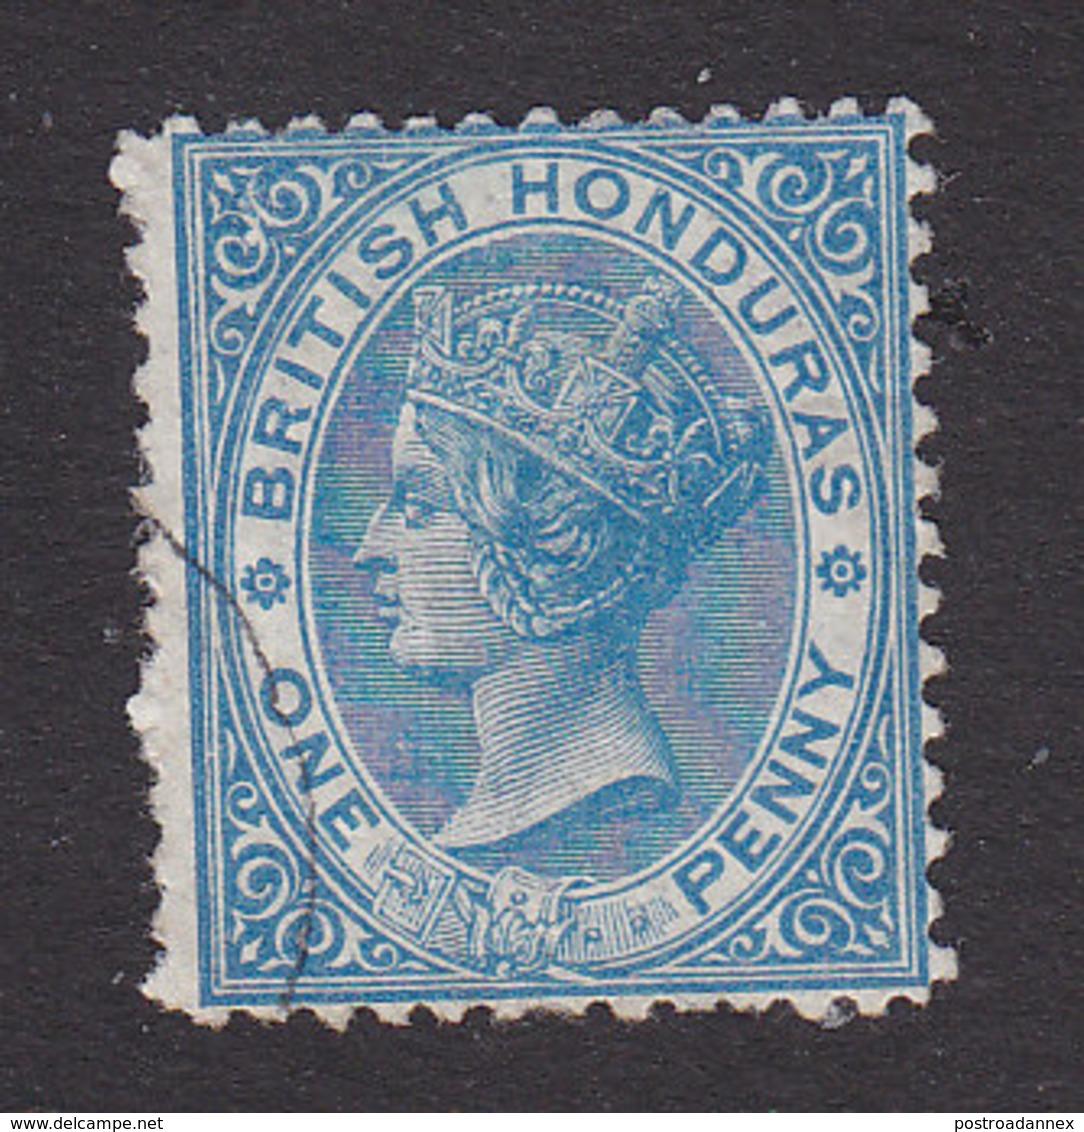 British Honduras, Scott #4, Used, Victoria, Issued 1872 - British Honduras (...-1970)